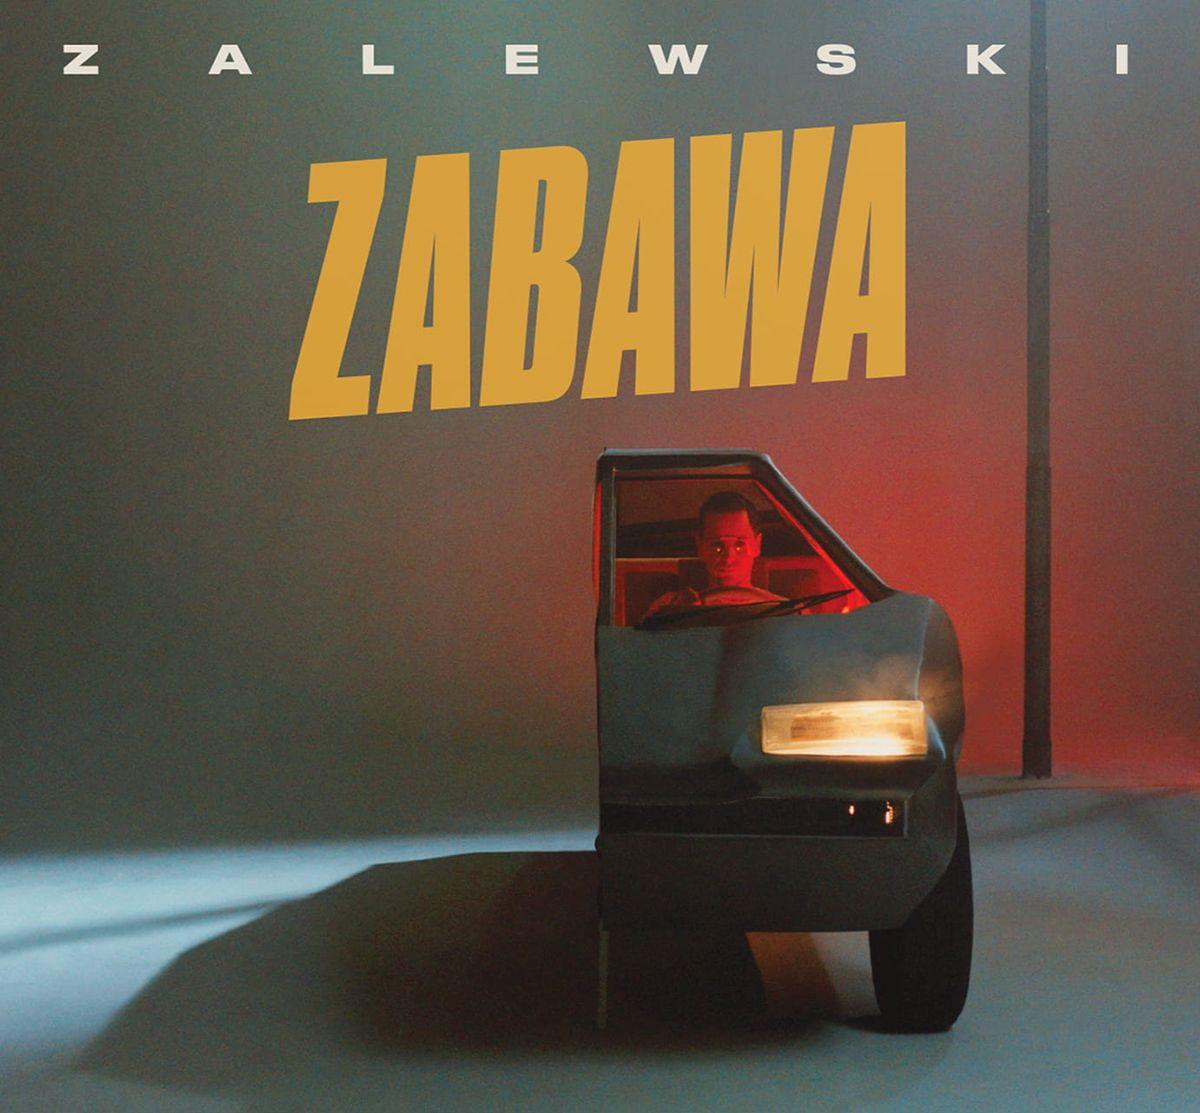 Szpieg - Krzysztof Zalewski